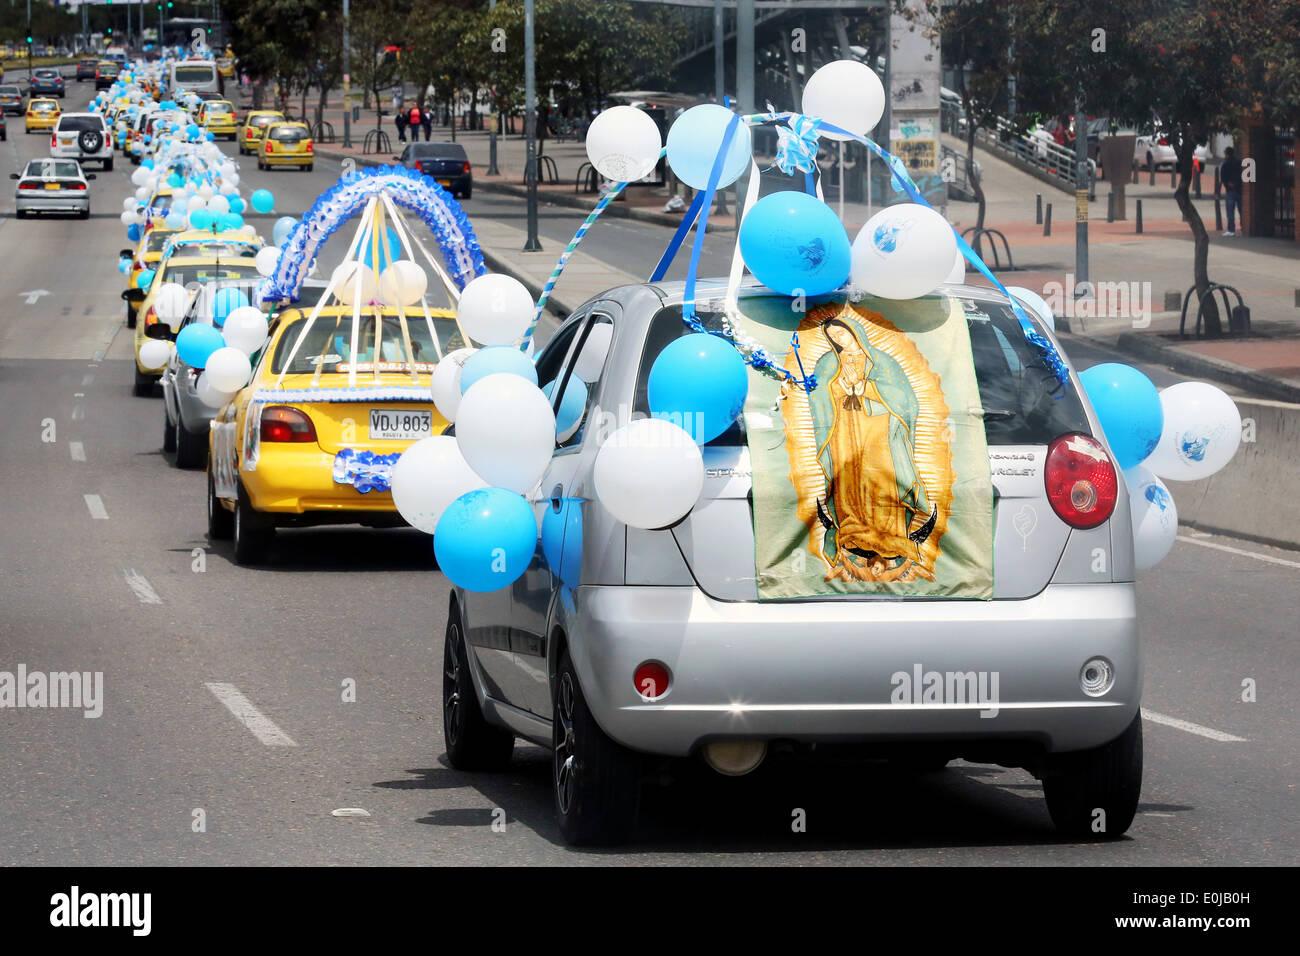 Desfile de taxis decorados con globos y las estatuas de la madre María para honrar a la madre de Jesucristo. Bogotá, Colombia Imagen De Stock